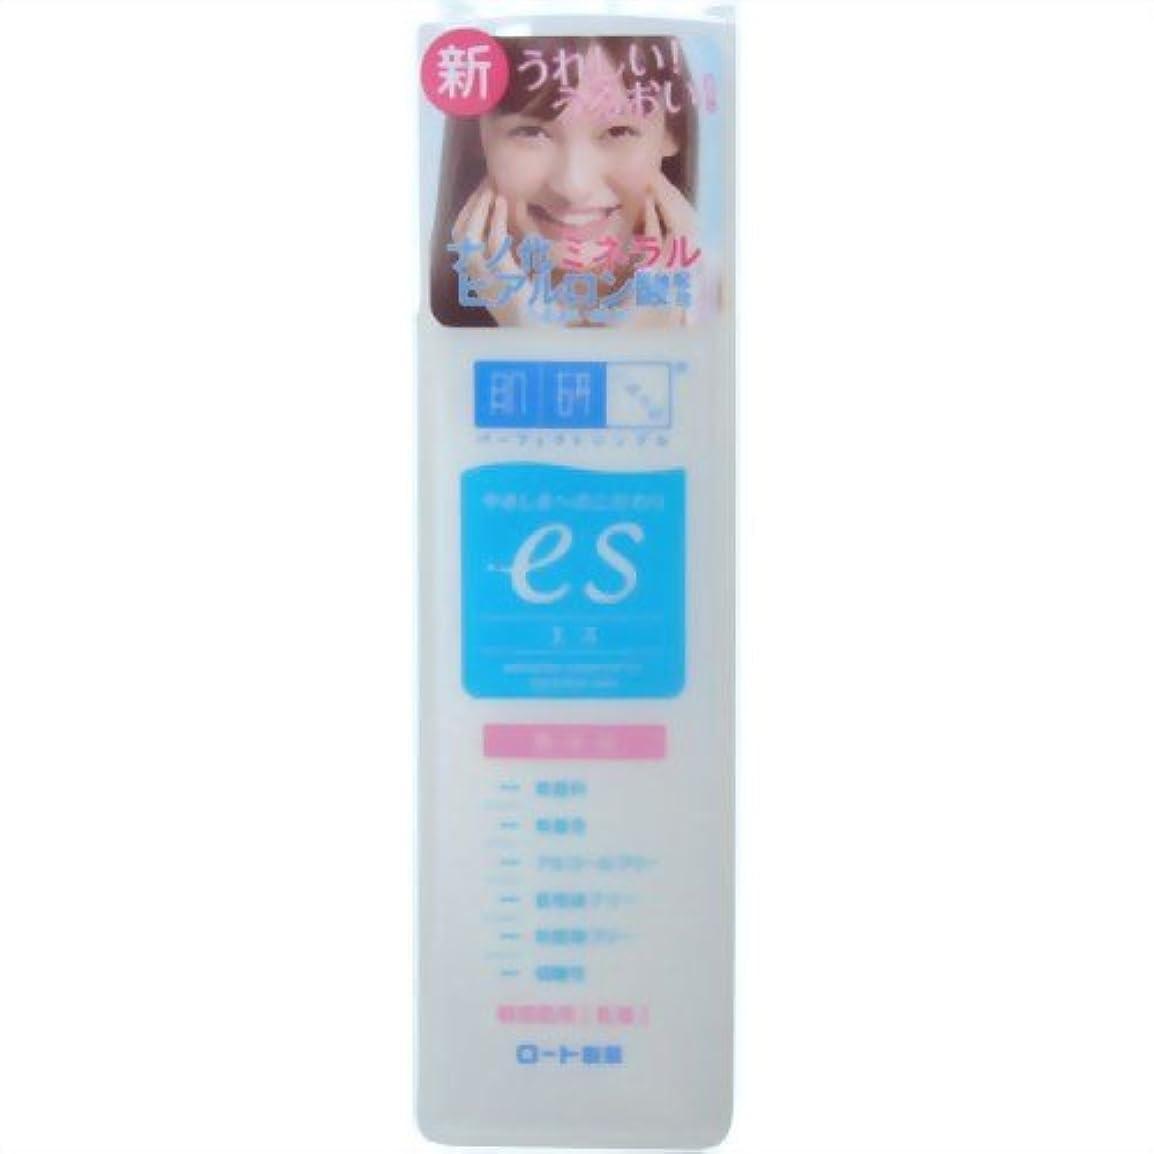 拒絶するサイトの頭の上肌ラボ es(エス) ナノ化ミネラルヒアルロン酸配合 無添加処方 乳液 140ml